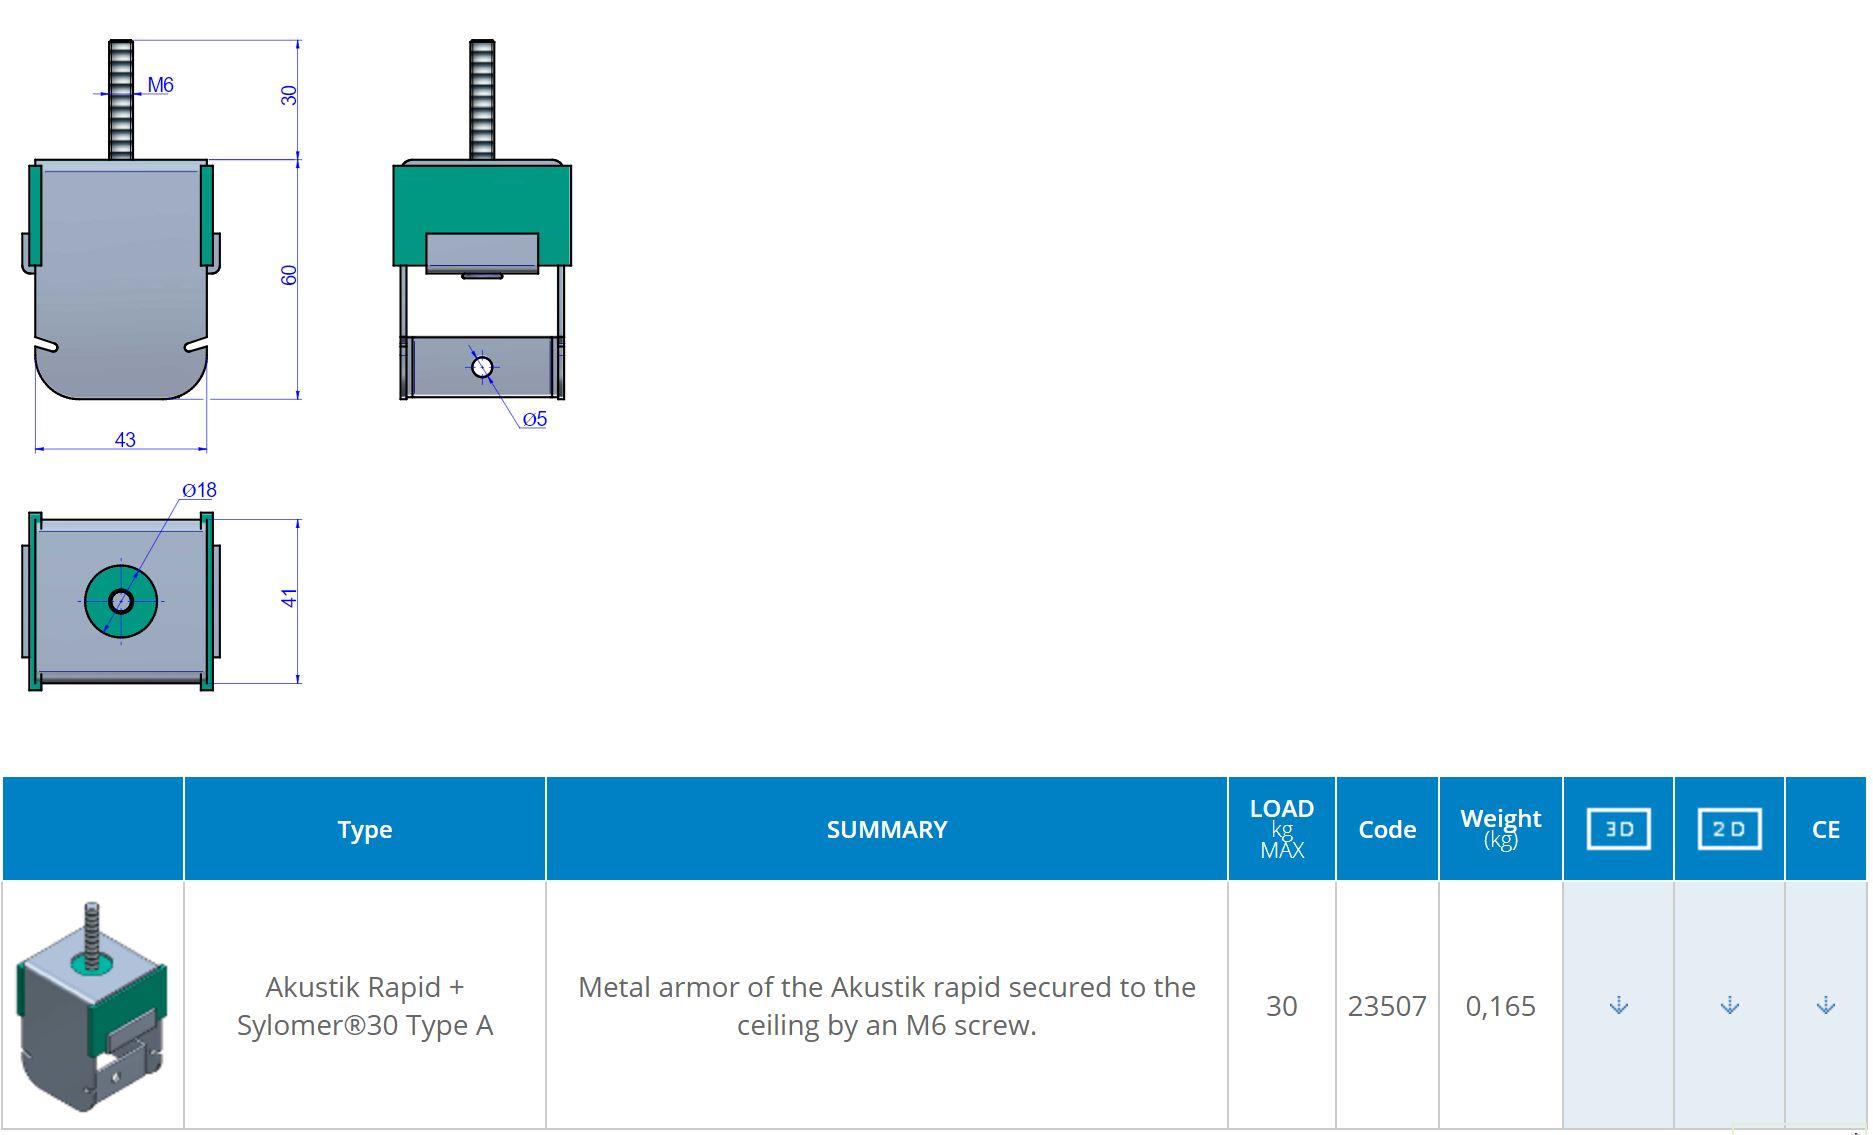 Akustik Rapid + Sylomer 30 Type A